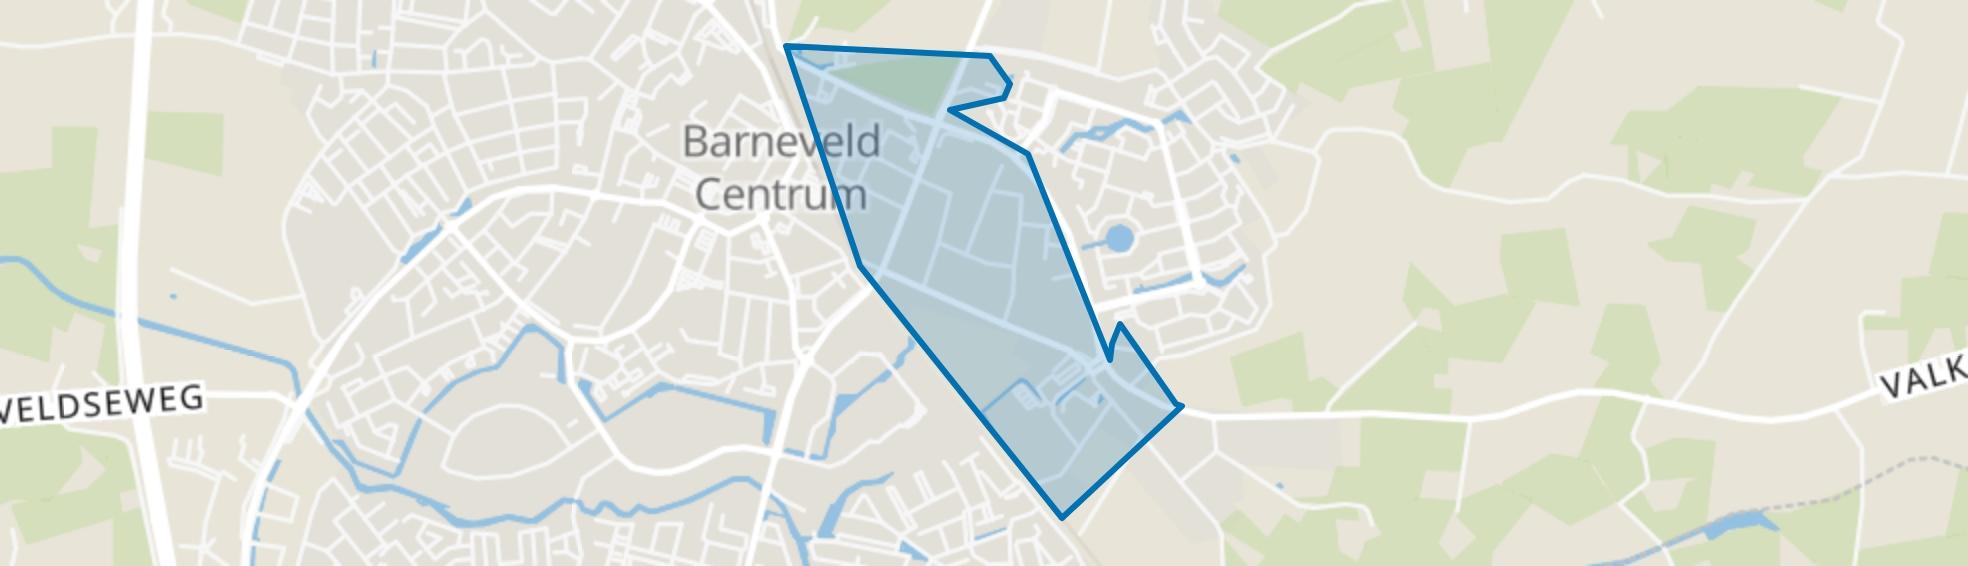 De Valk, Barneveld map